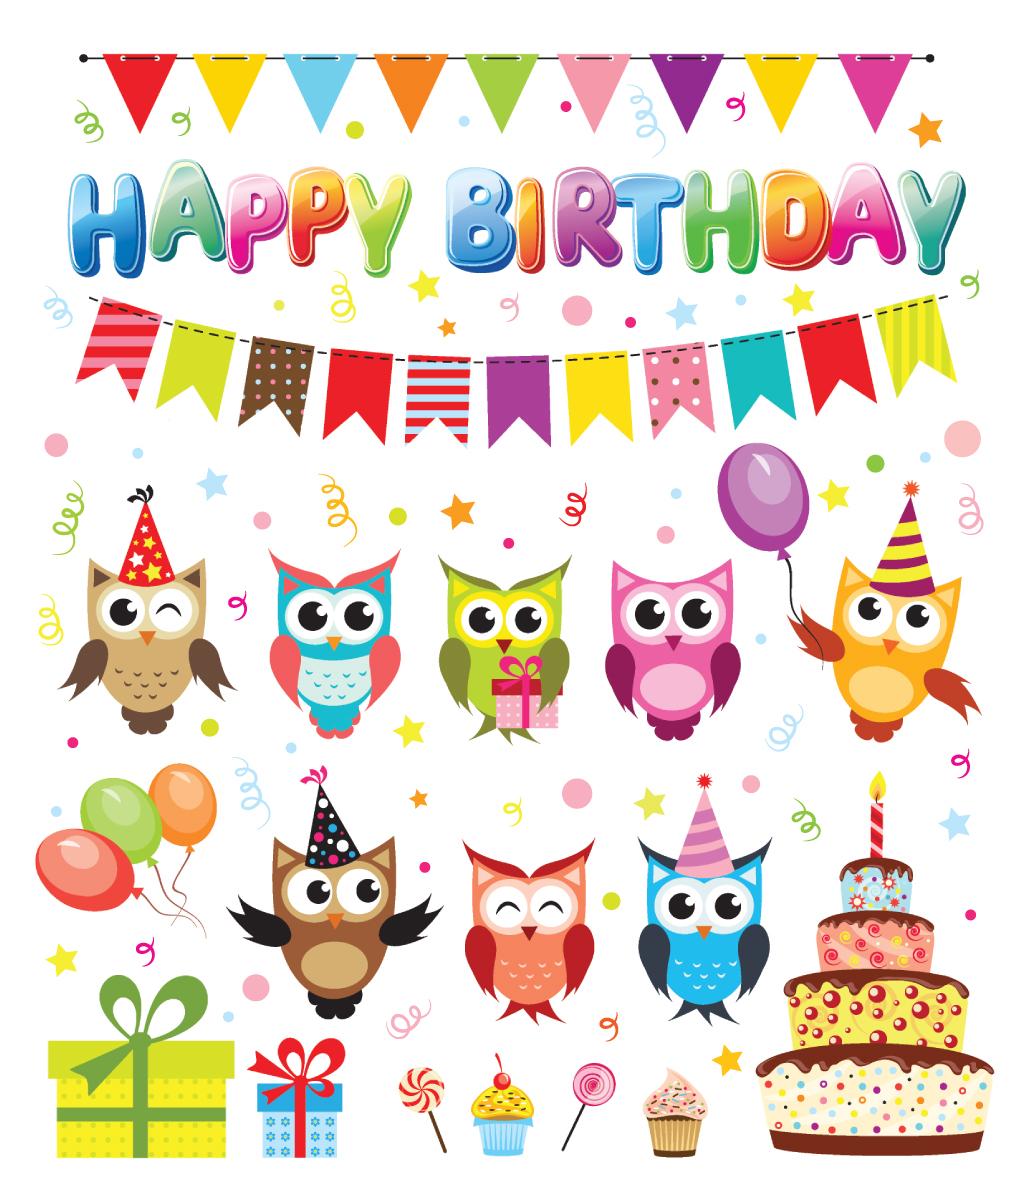 Открытка сувенирная Happy Birthday. 273817273817Открытка – поздравительная карточка, которая прочно вошла в быт человека. Не обязательно дарить дорогой подарок, главное внимание, достаточно выбрать подходящую картинку на открытке и вручить дорогому человеку.